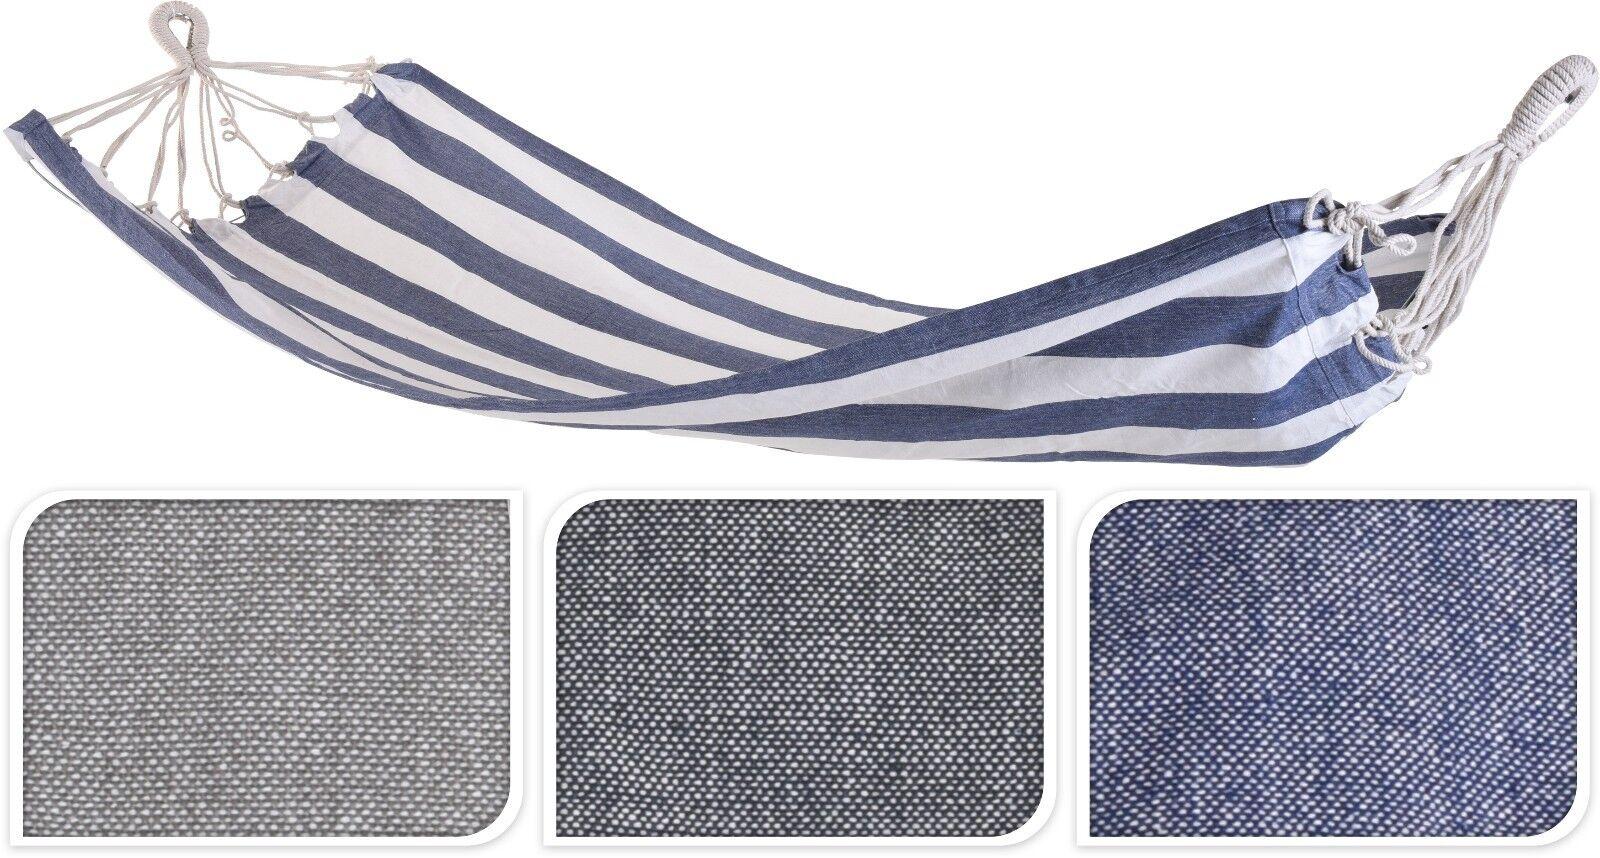 Hängematte 110 x 220 cm, Baumwolle gestreift - in 3 Farben erhältlich  | Sale Outlet